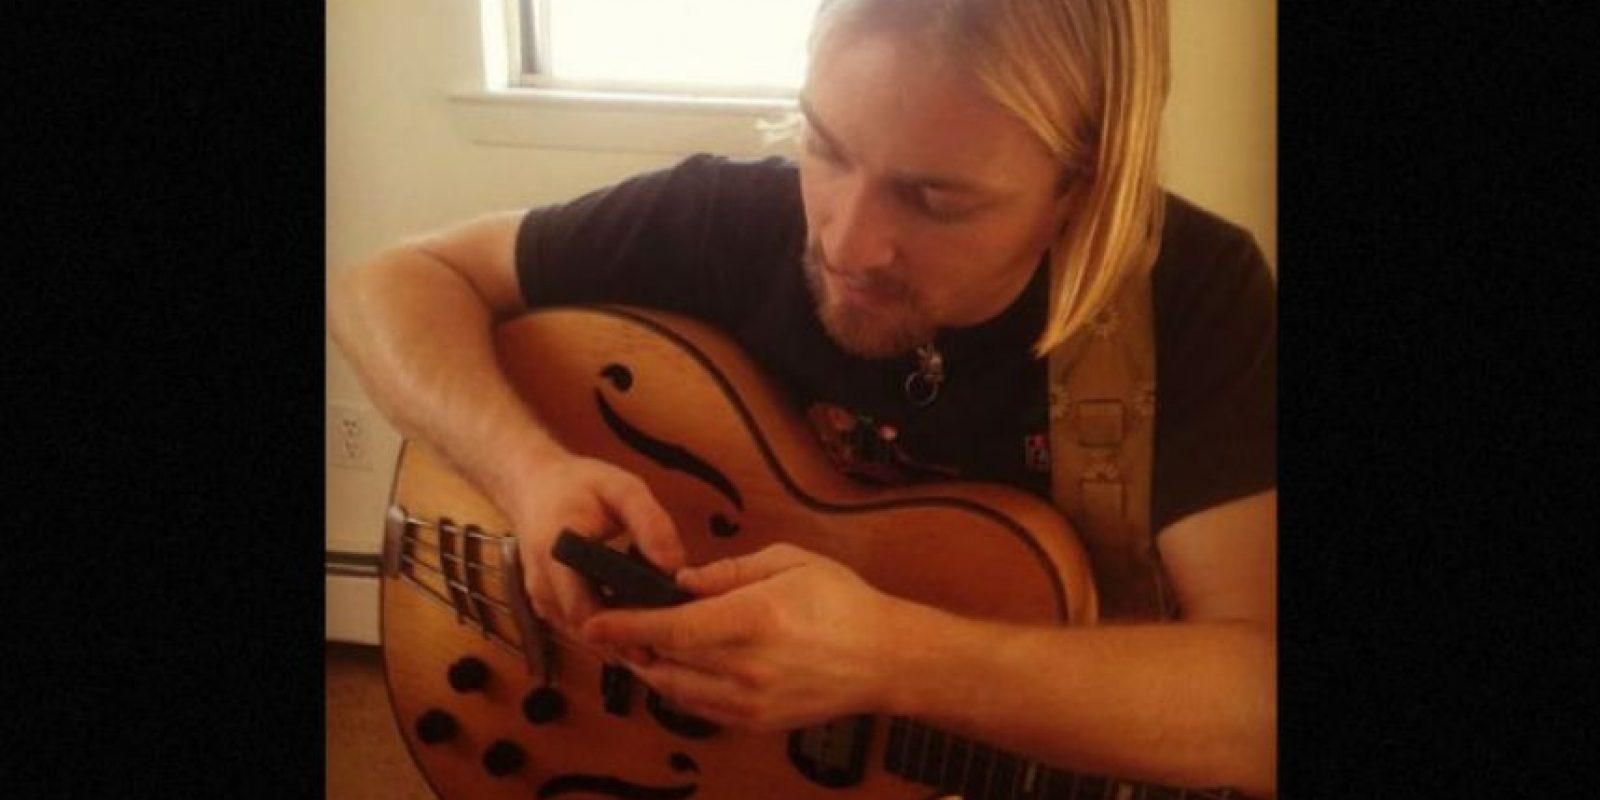 Él es músico y enseña a tocar la guitarra. Foto:Vía Instagram